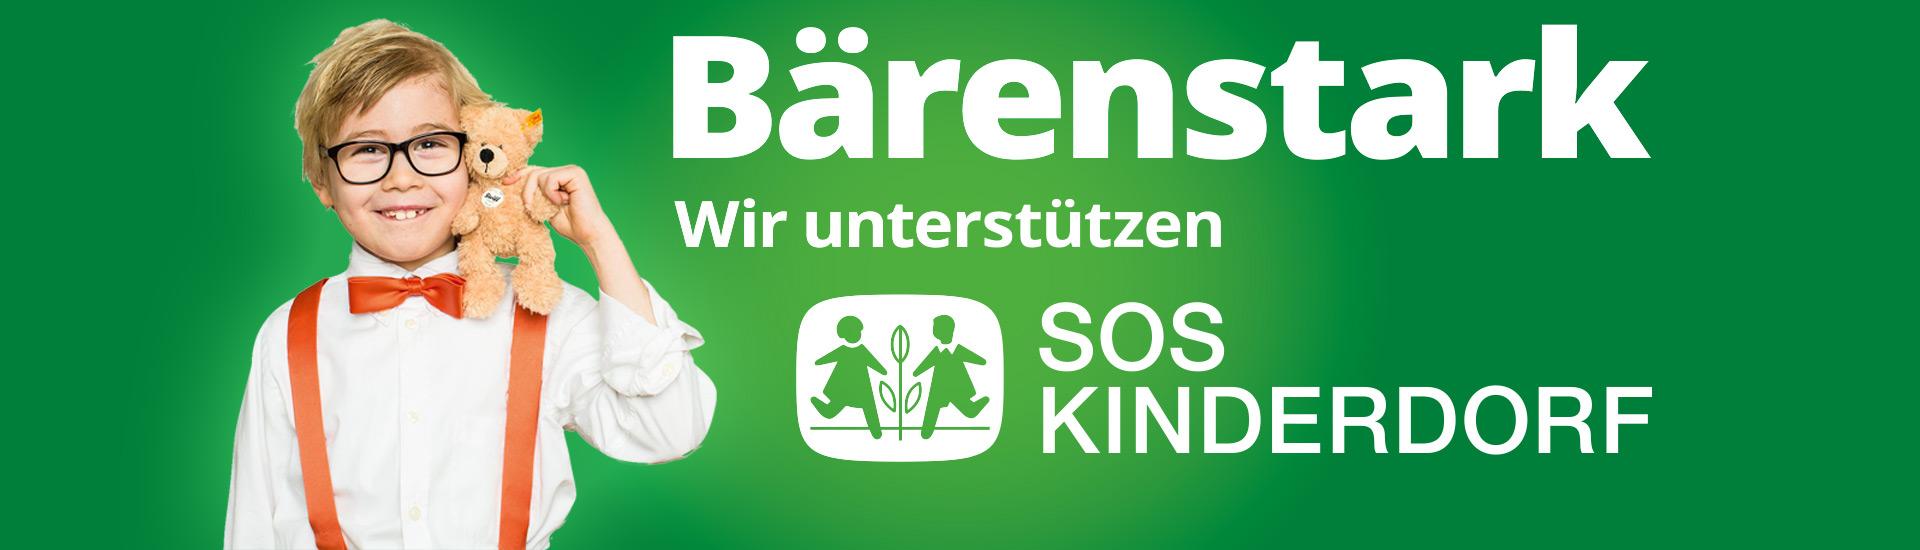 Nachrichten Möbel Schulze - Wir unterstützen SOS Kinderdorf